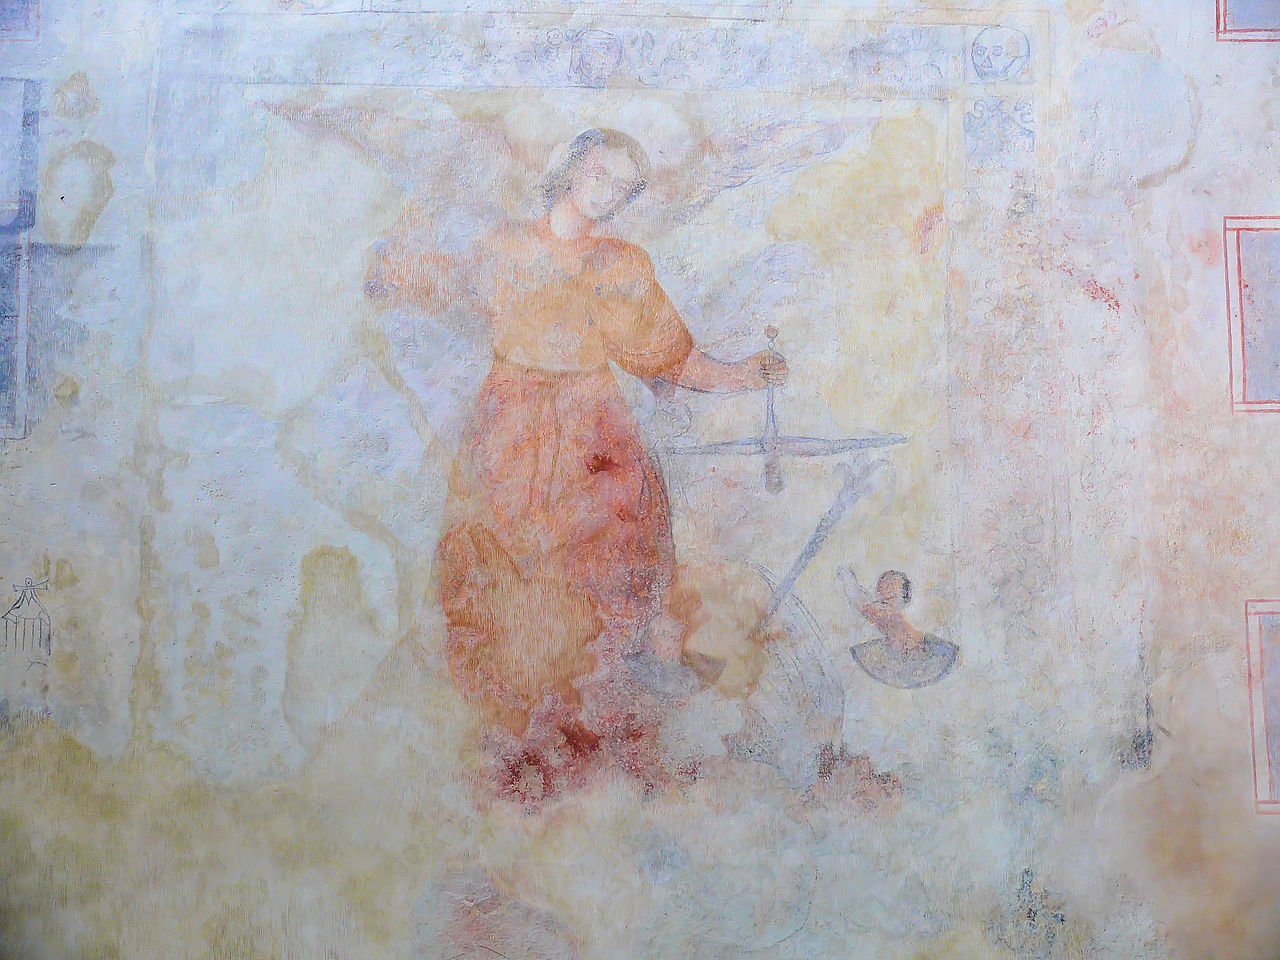 ... Église Sainte-Valérie - Transept - Vestige de peinture murale.JPG